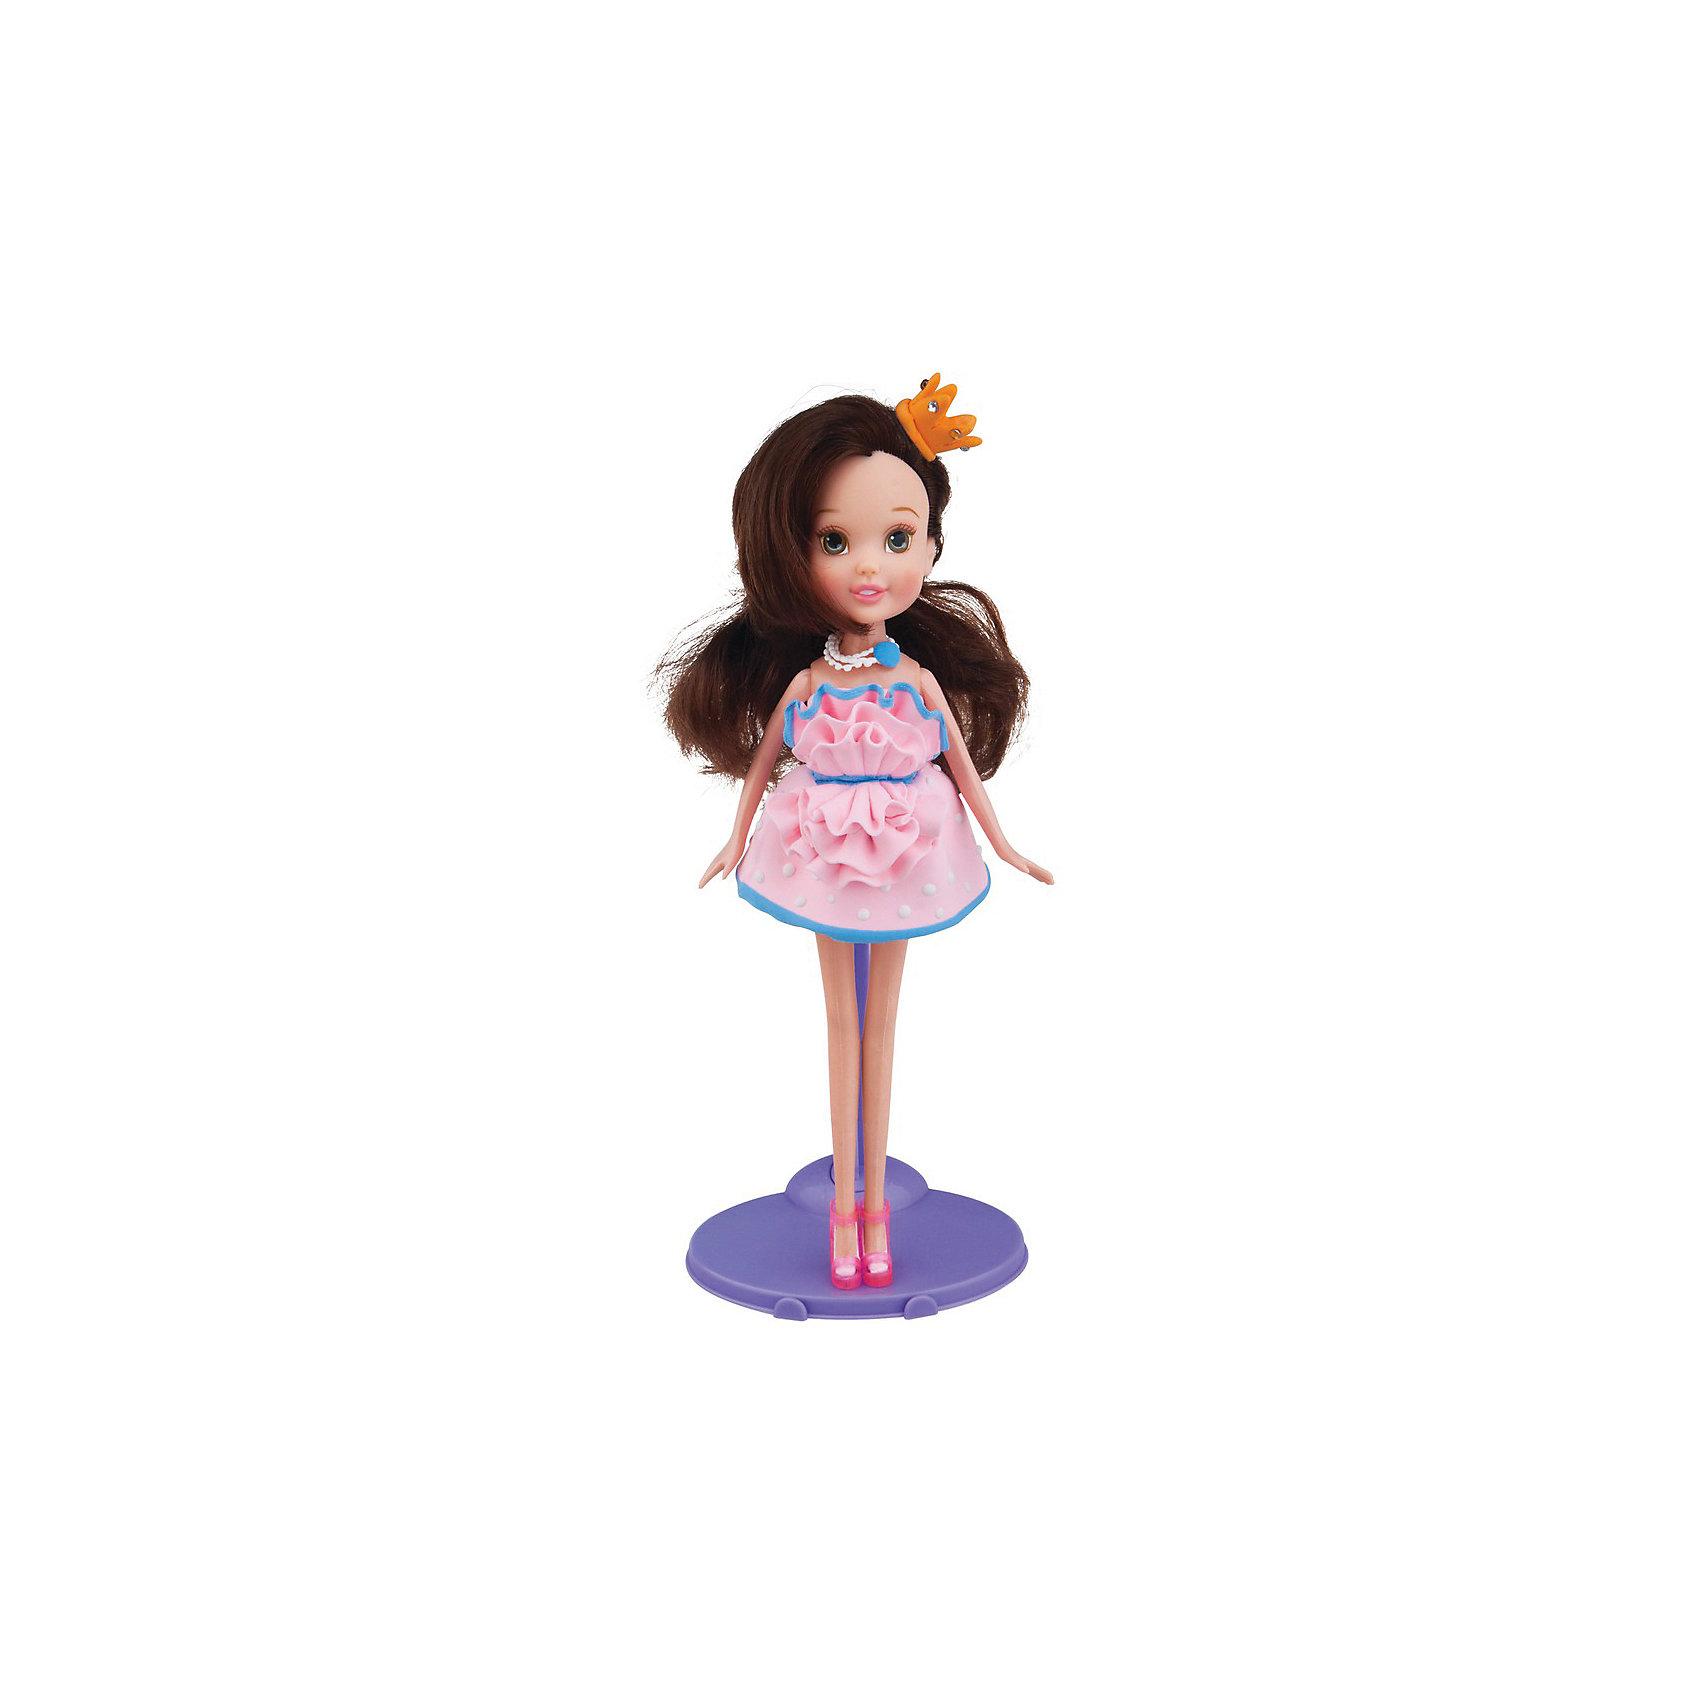 Набор для творчества с пластилином Fashion Dough и куклой Шатенка в розовом сарафанеЛепка<br>Сделайте чудесный подарок маленькой мастерице – набор для творчества от торговой марки Toy Target. В удобной упаковке ребенок найдет очаровательную куколку, удобные инструменты для моделирования, пластилин, обувь, держатель для куклы и подробную инструкцию.  Каждой девочке будет очень интересен процесс создания оригинальных нарядов из легкого, мягкого и гладкого пластилина. Масса для лепки безопасна для здоровья, гипоаллергенна и не содержит глютена.  Занятия с набором подарят отличное настроение и полезные навыки вашей малышке.  Рекомендованный возраст: от 6 лет. Размер упаковки: 18,6х5,8х29,4 см.  В комплекте: кукла-модель; масса для моделирования – 2 шт.; инструменты для моделирования – 2 шт.; обувь для куклы; держатель для куклы; инструкция.<br><br>Ширина мм: 186<br>Глубина мм: 58<br>Высота мм: 294<br>Вес г: 330<br>Возраст от месяцев: 72<br>Возраст до месяцев: 144<br>Пол: Женский<br>Возраст: Детский<br>SKU: 6867052